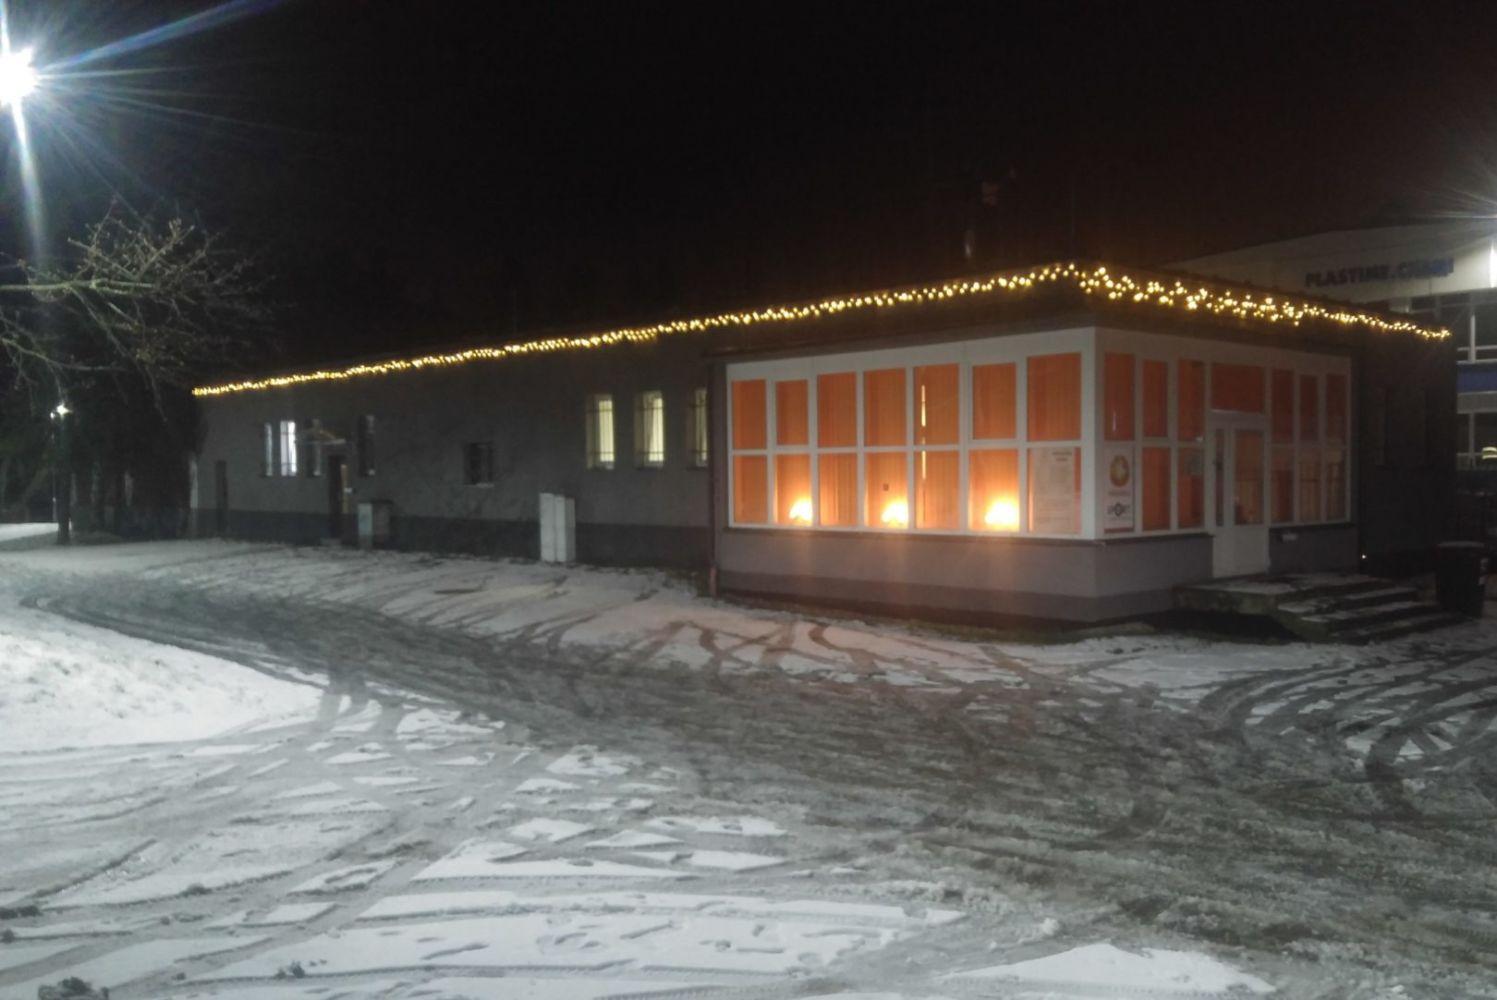 Sauna Za Hrází u přehrady v Jablonci nad Nisou - pohled na saunu zvenčí večer v zimě